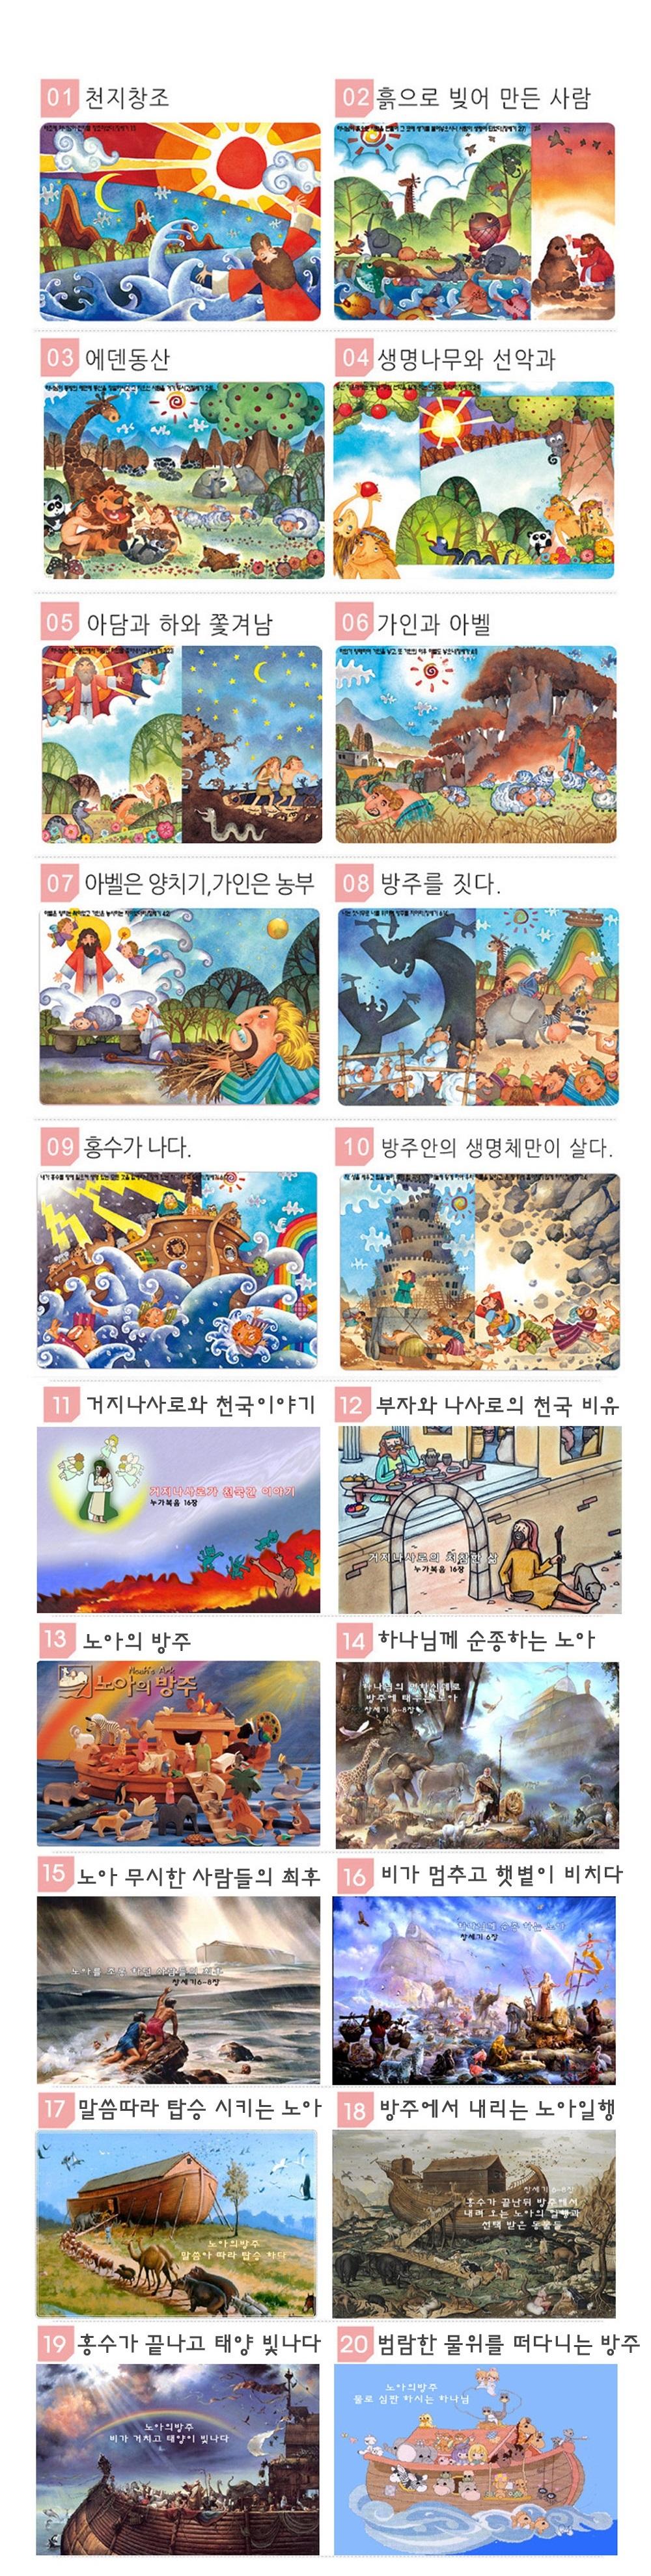 효도퍼즐 성경퍼즐  A3 사이즈 치매예방 - 퍼즐러브, 10,000원, 조각/퍼즐, 맞춤퍼즐